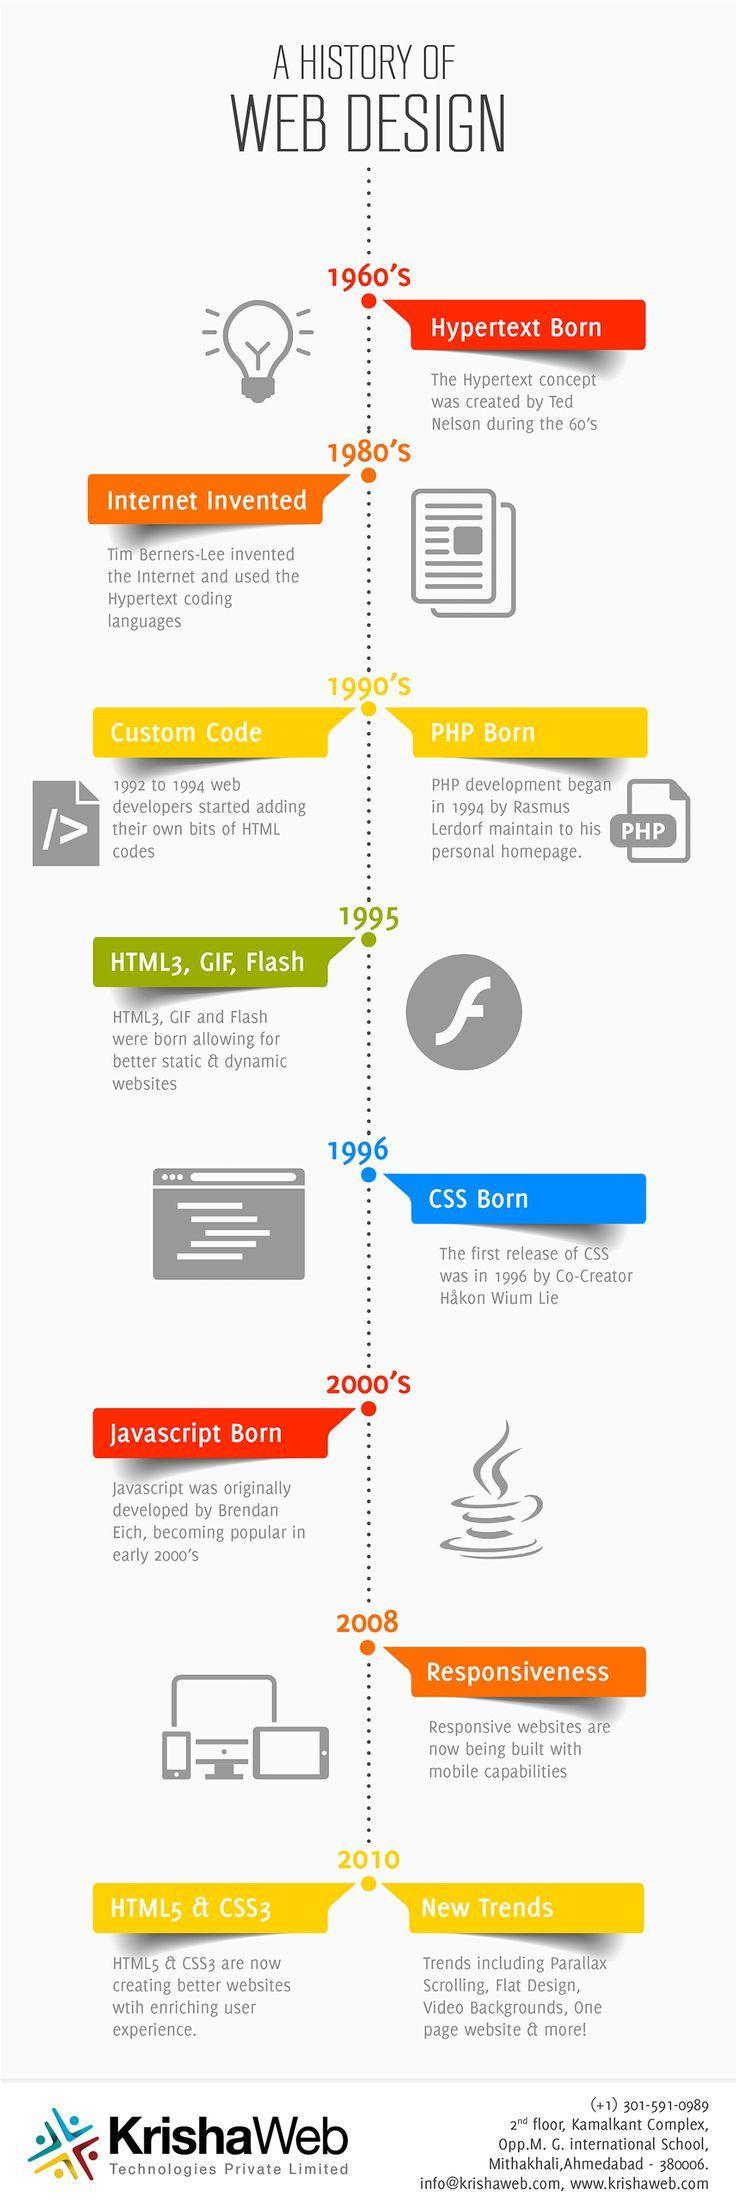 Historia del Diseño Web. De 1960 al 2010